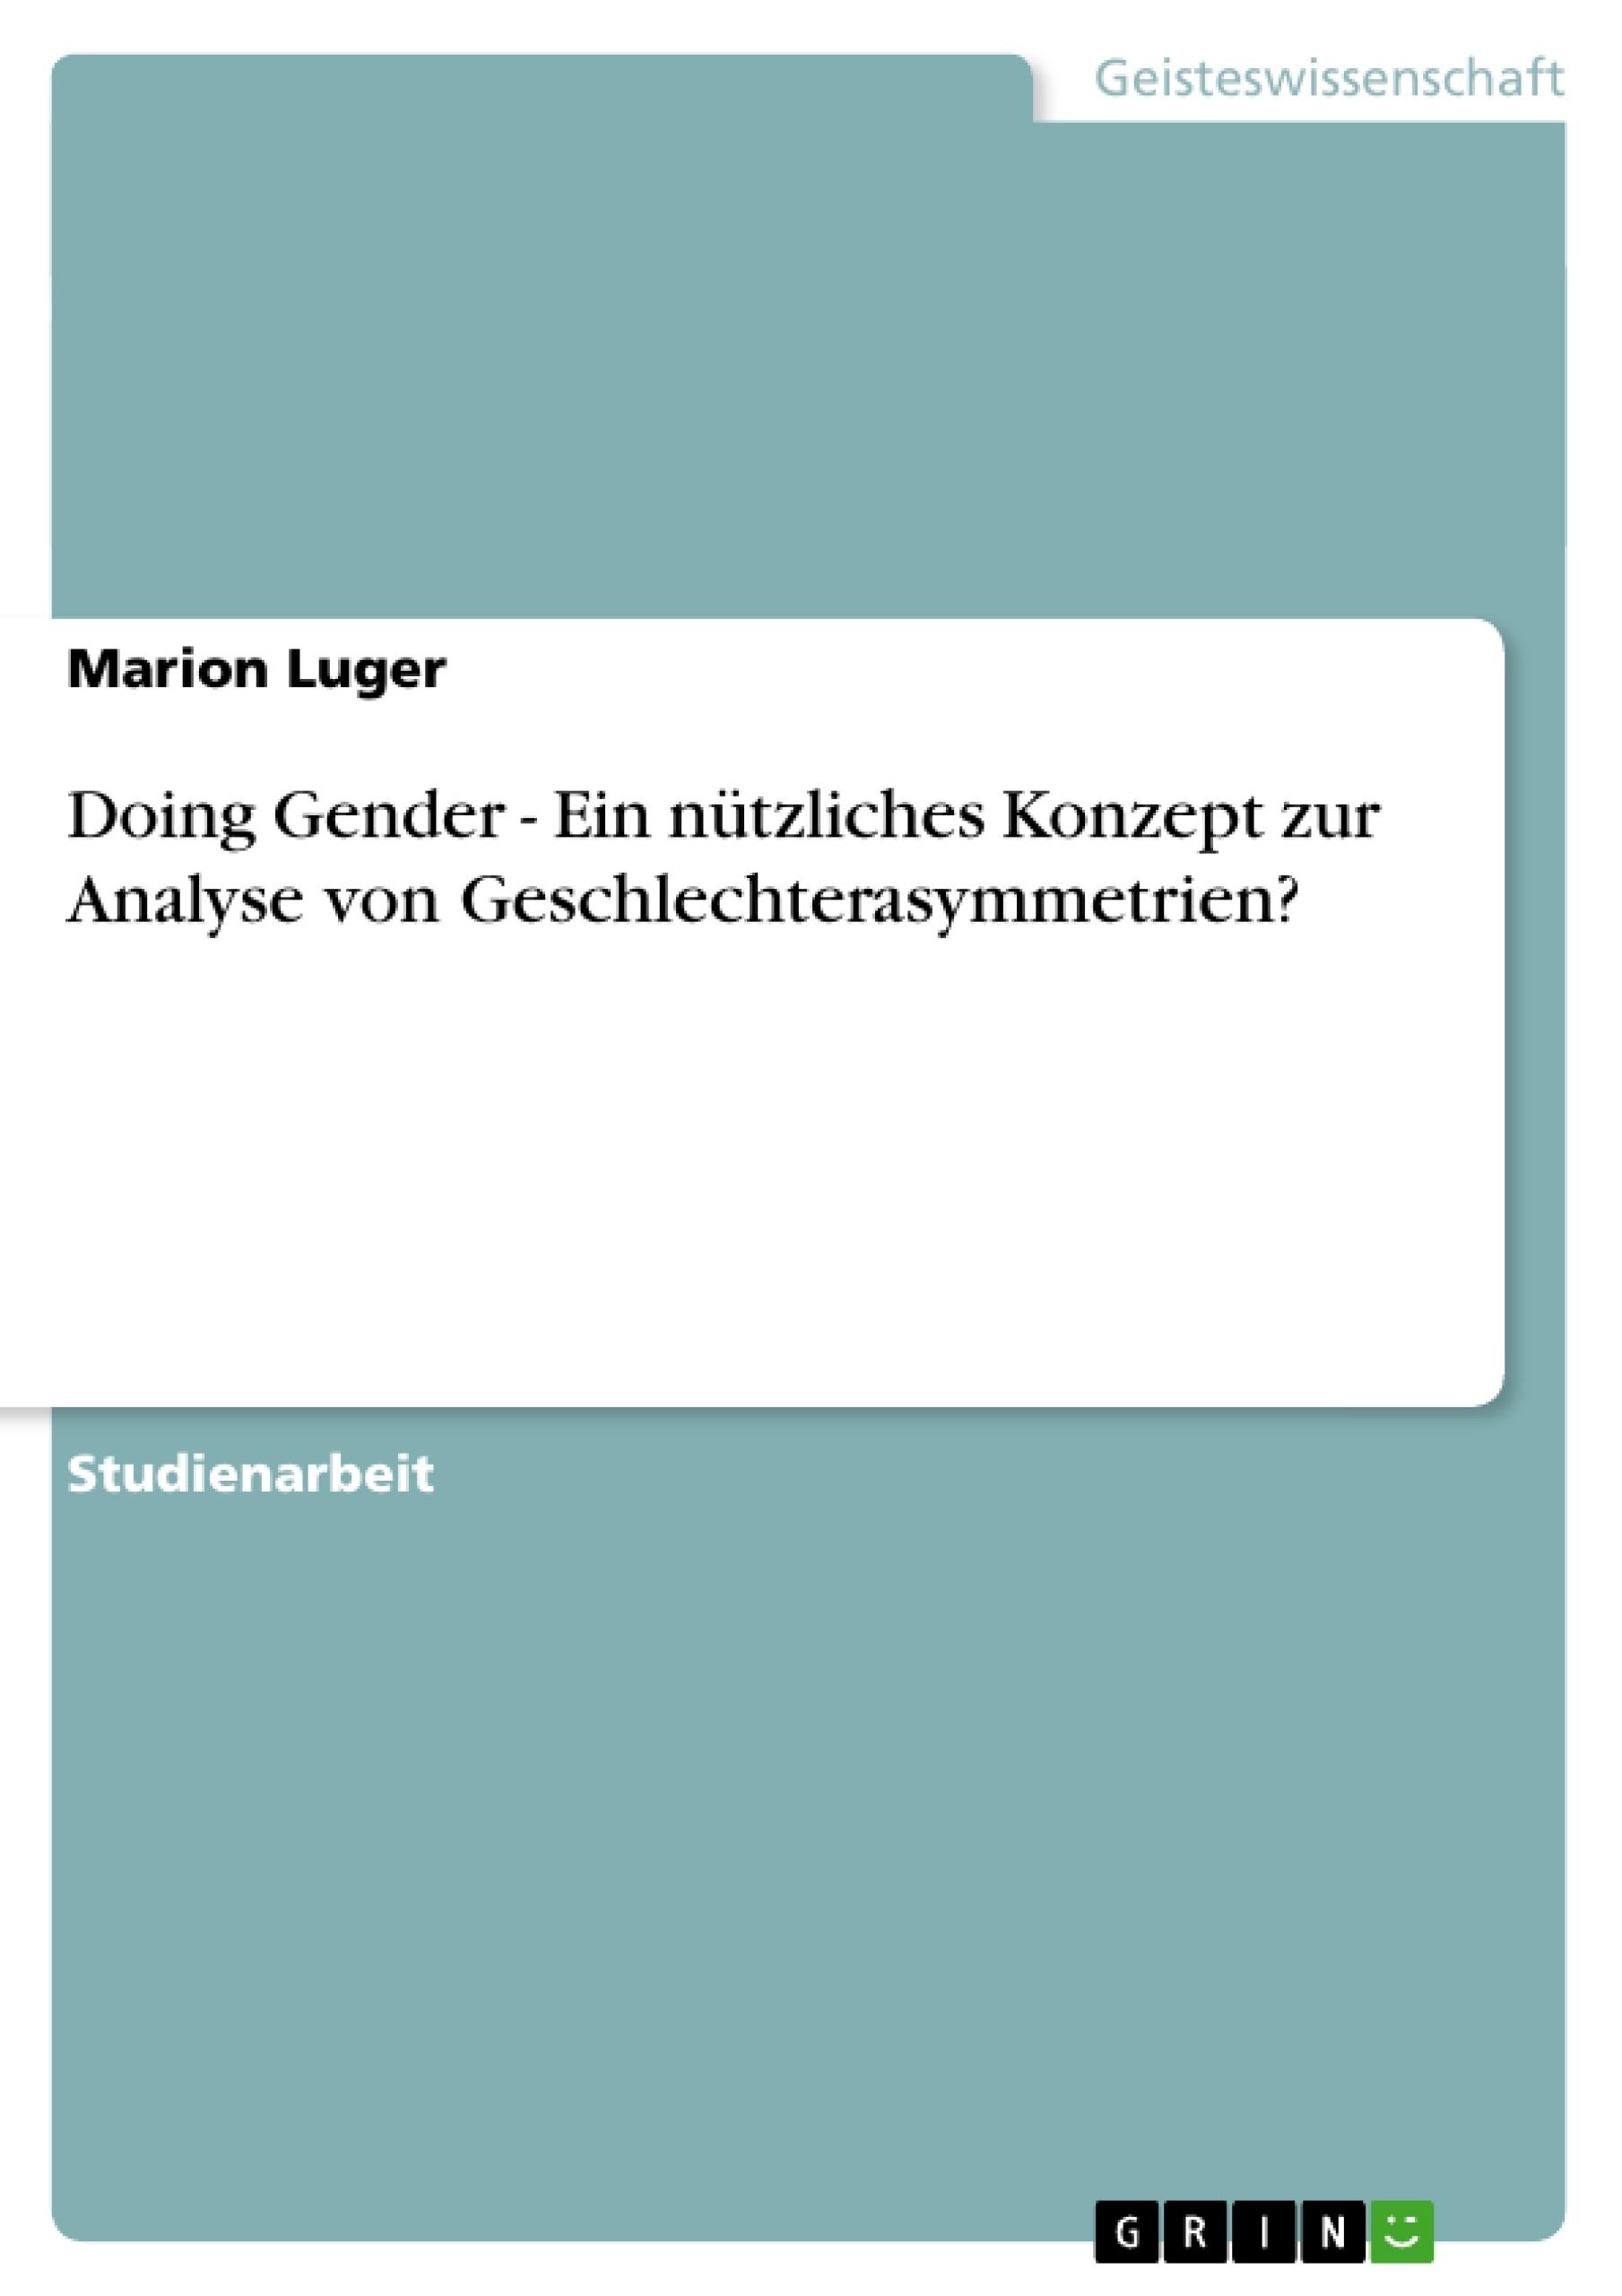 Titel: Doing Gender - Ein nützliches Konzept zur Analyse von Geschlechterasymmetrien?